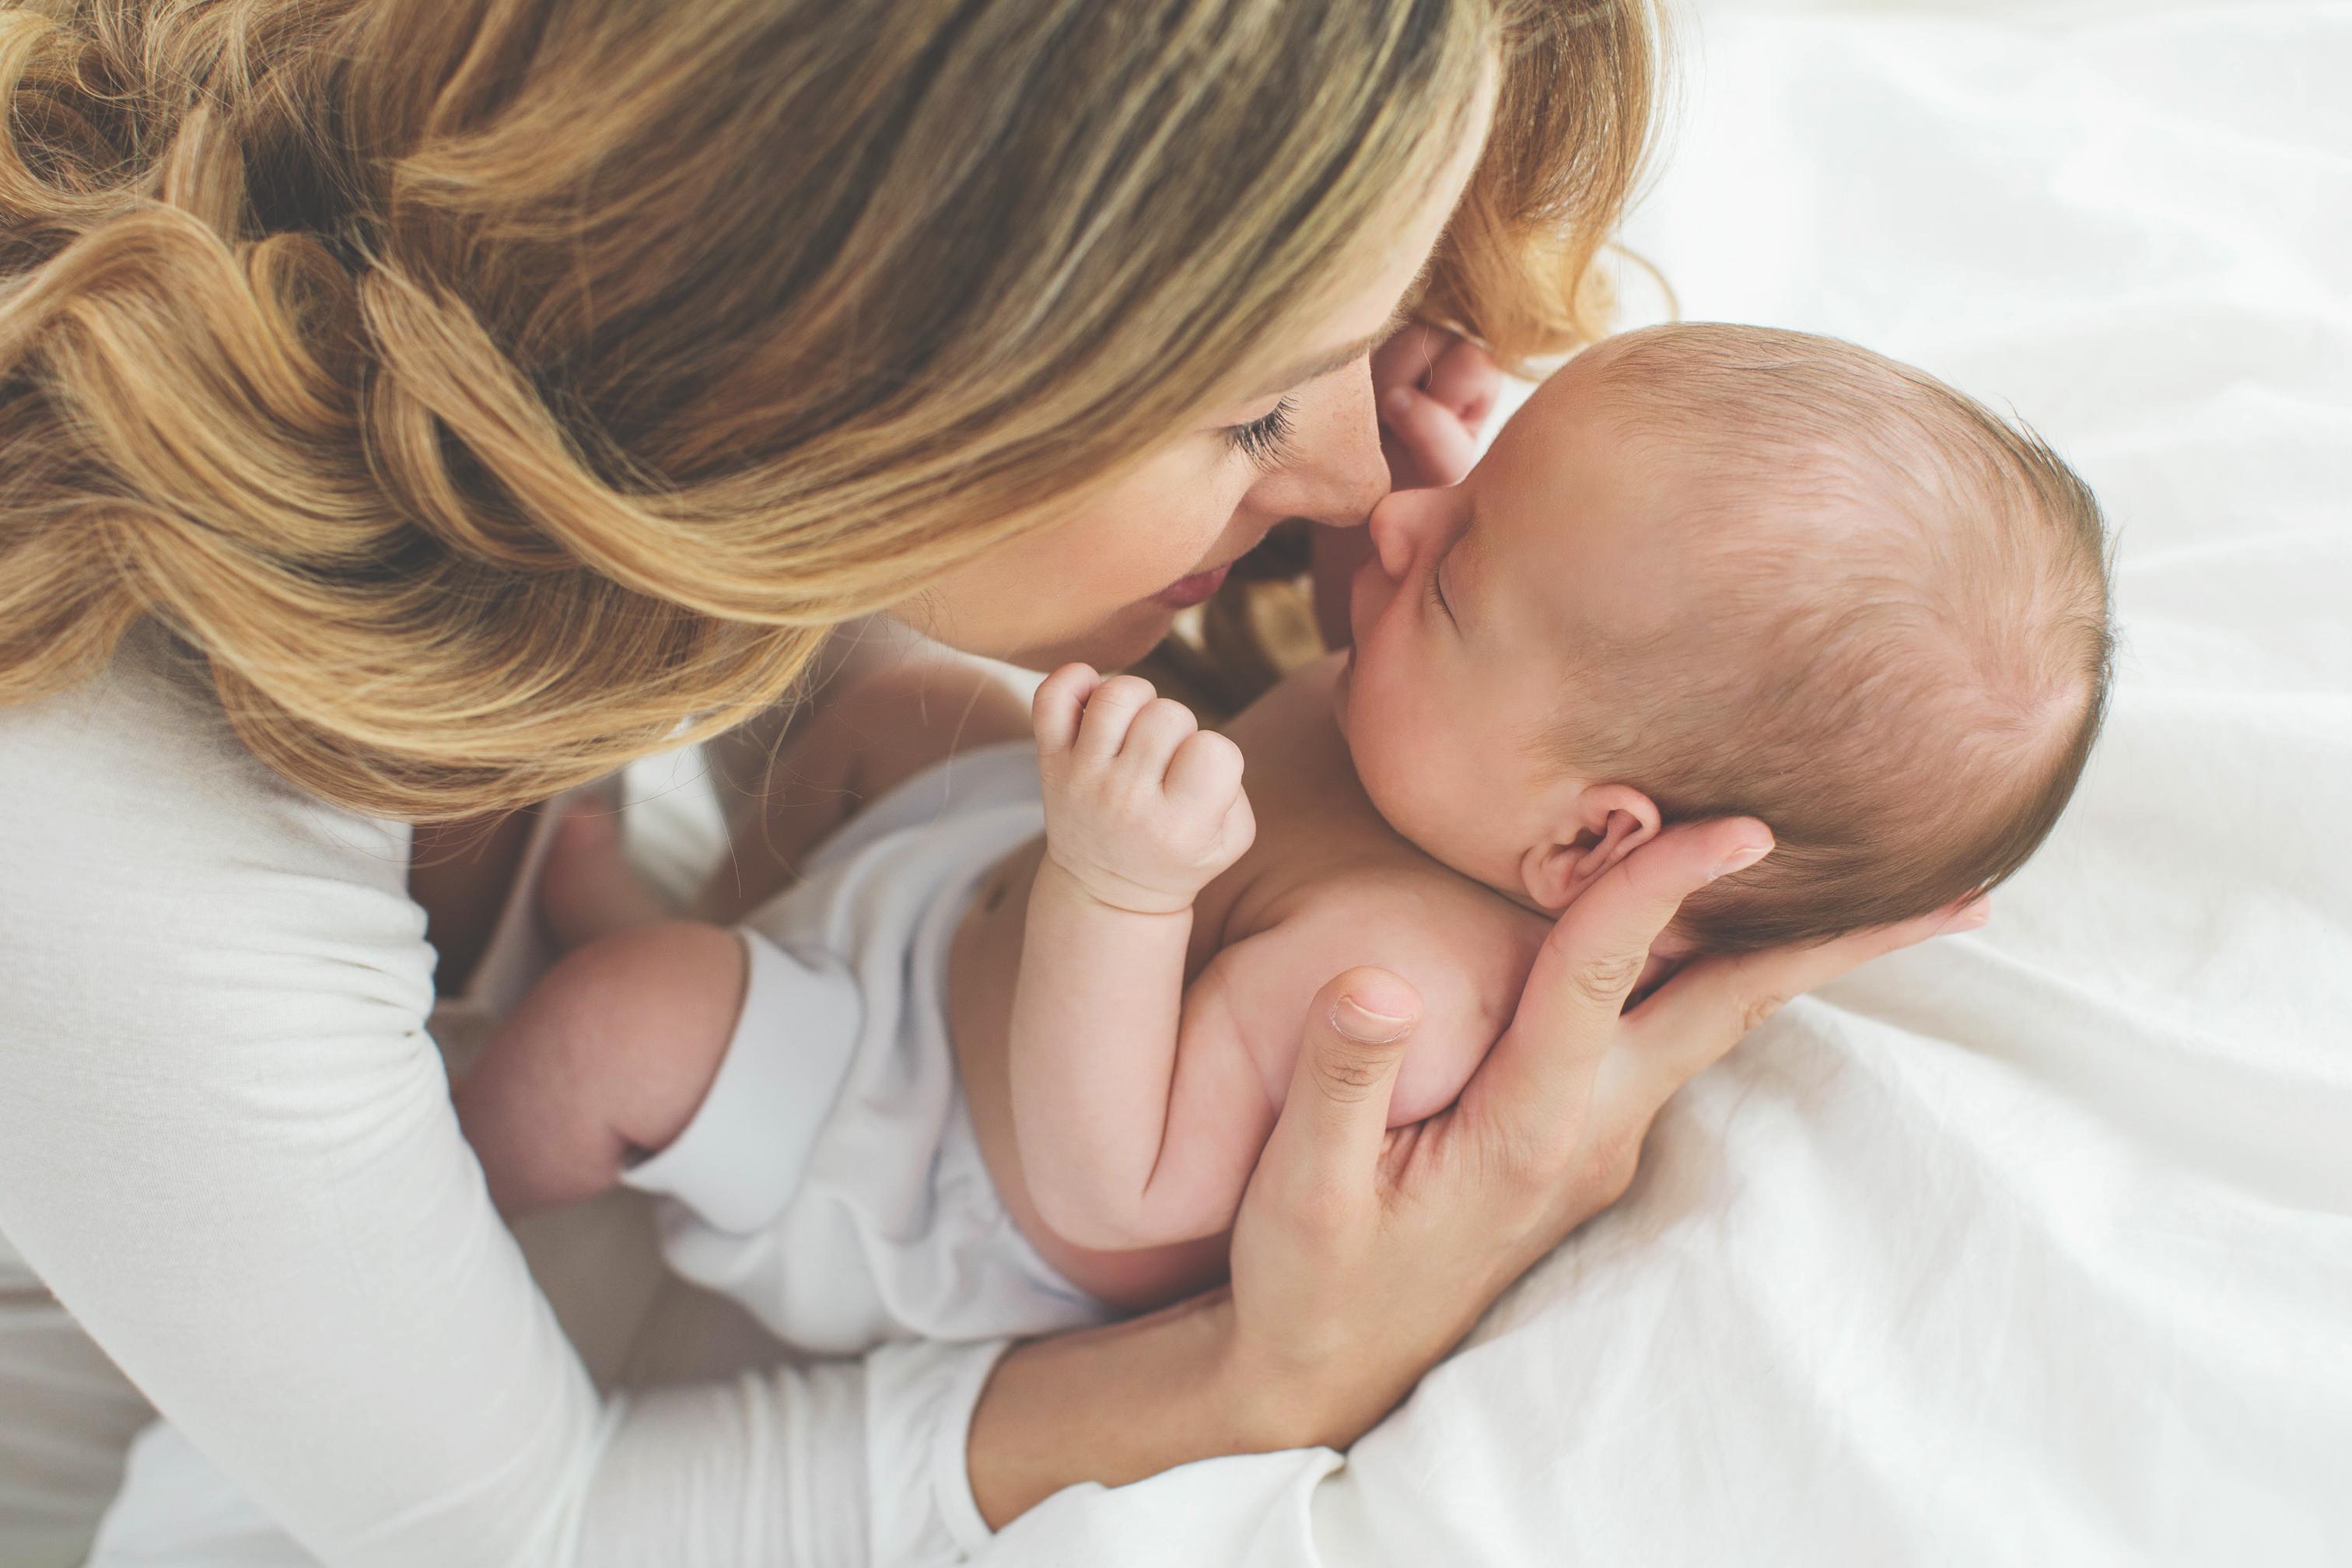 5 Orte, an denen du dein Neugeborenes nicht bringen solltest